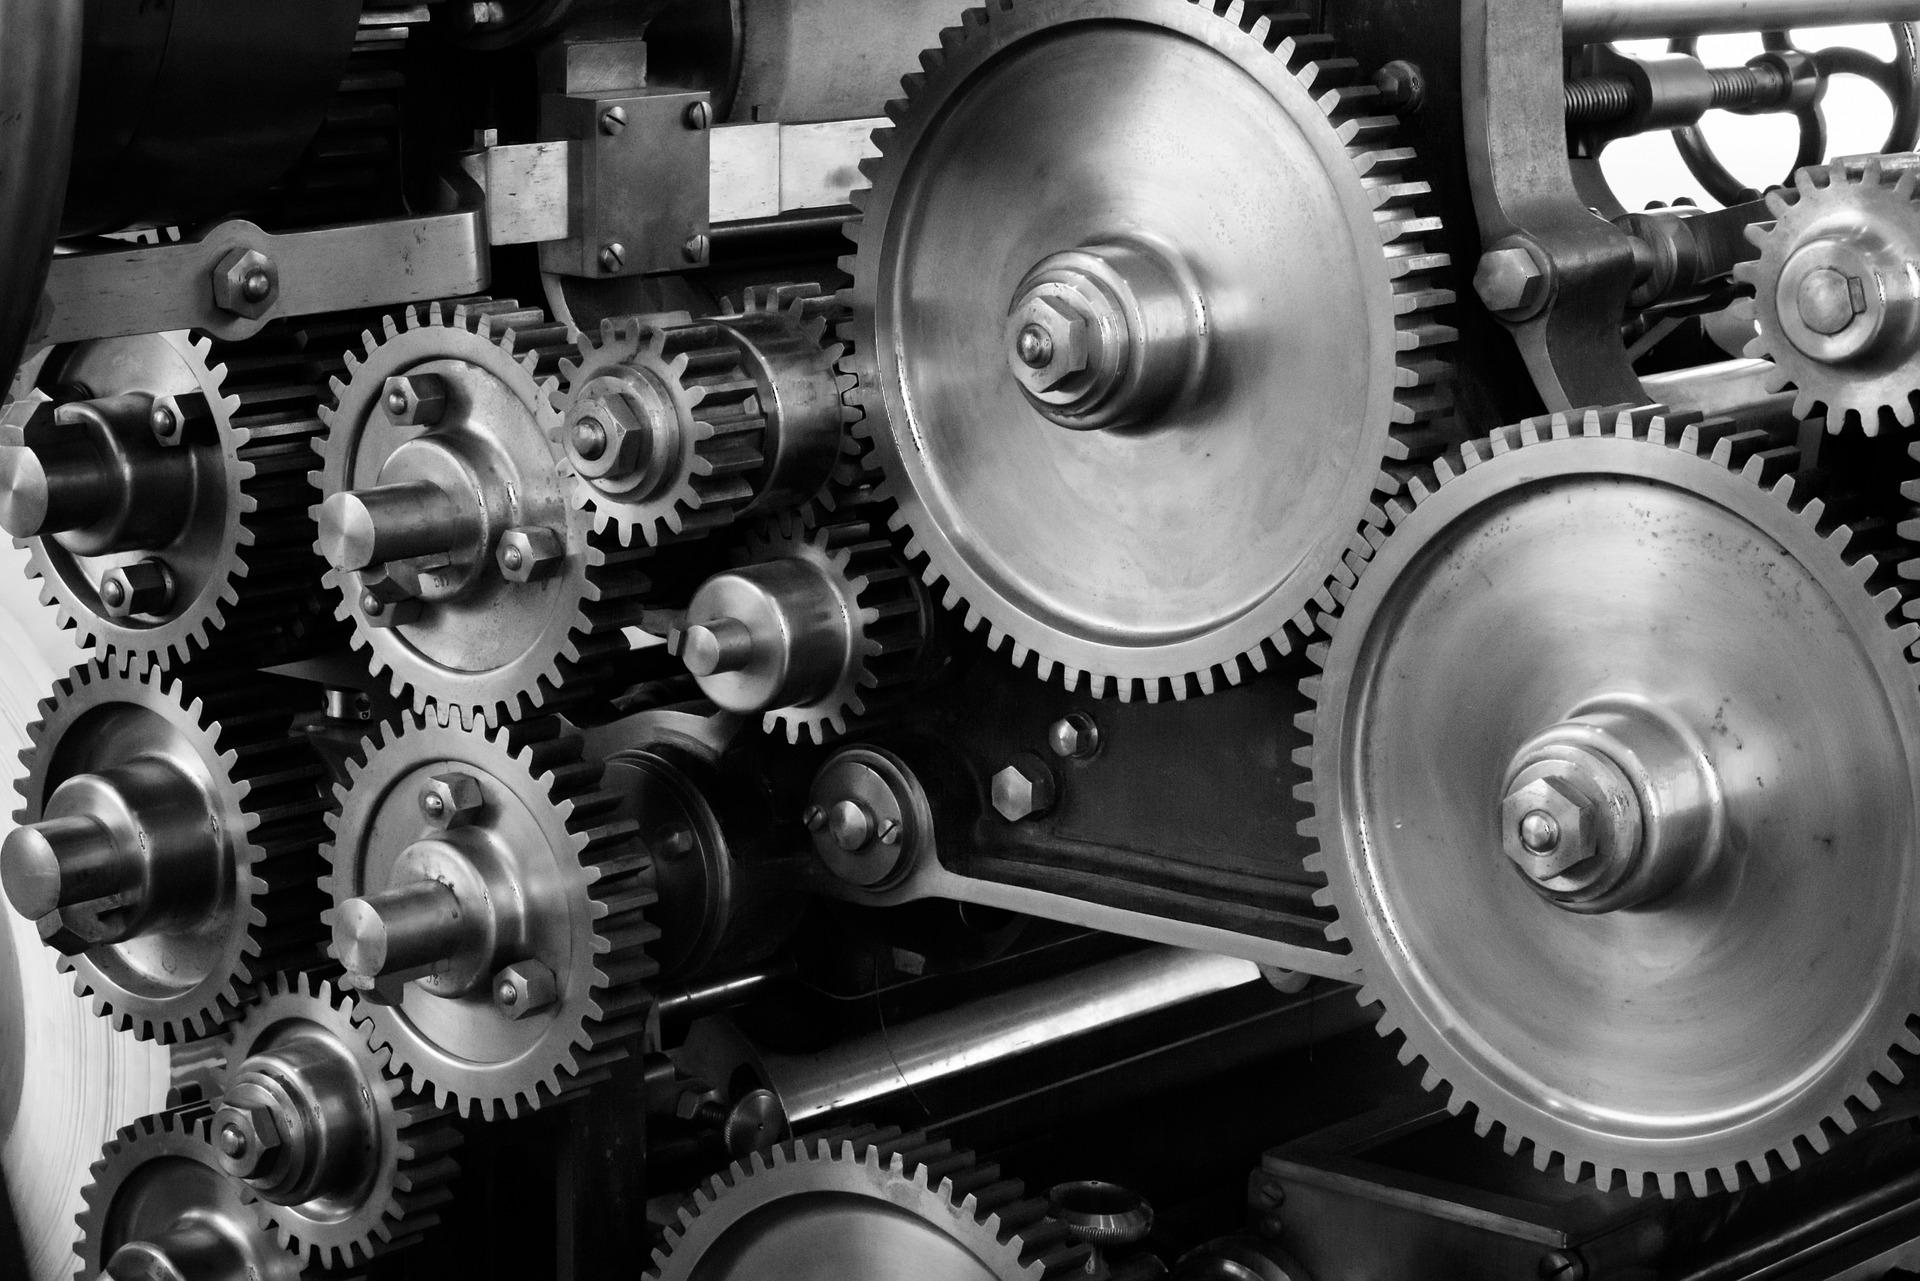 gears-in-motion